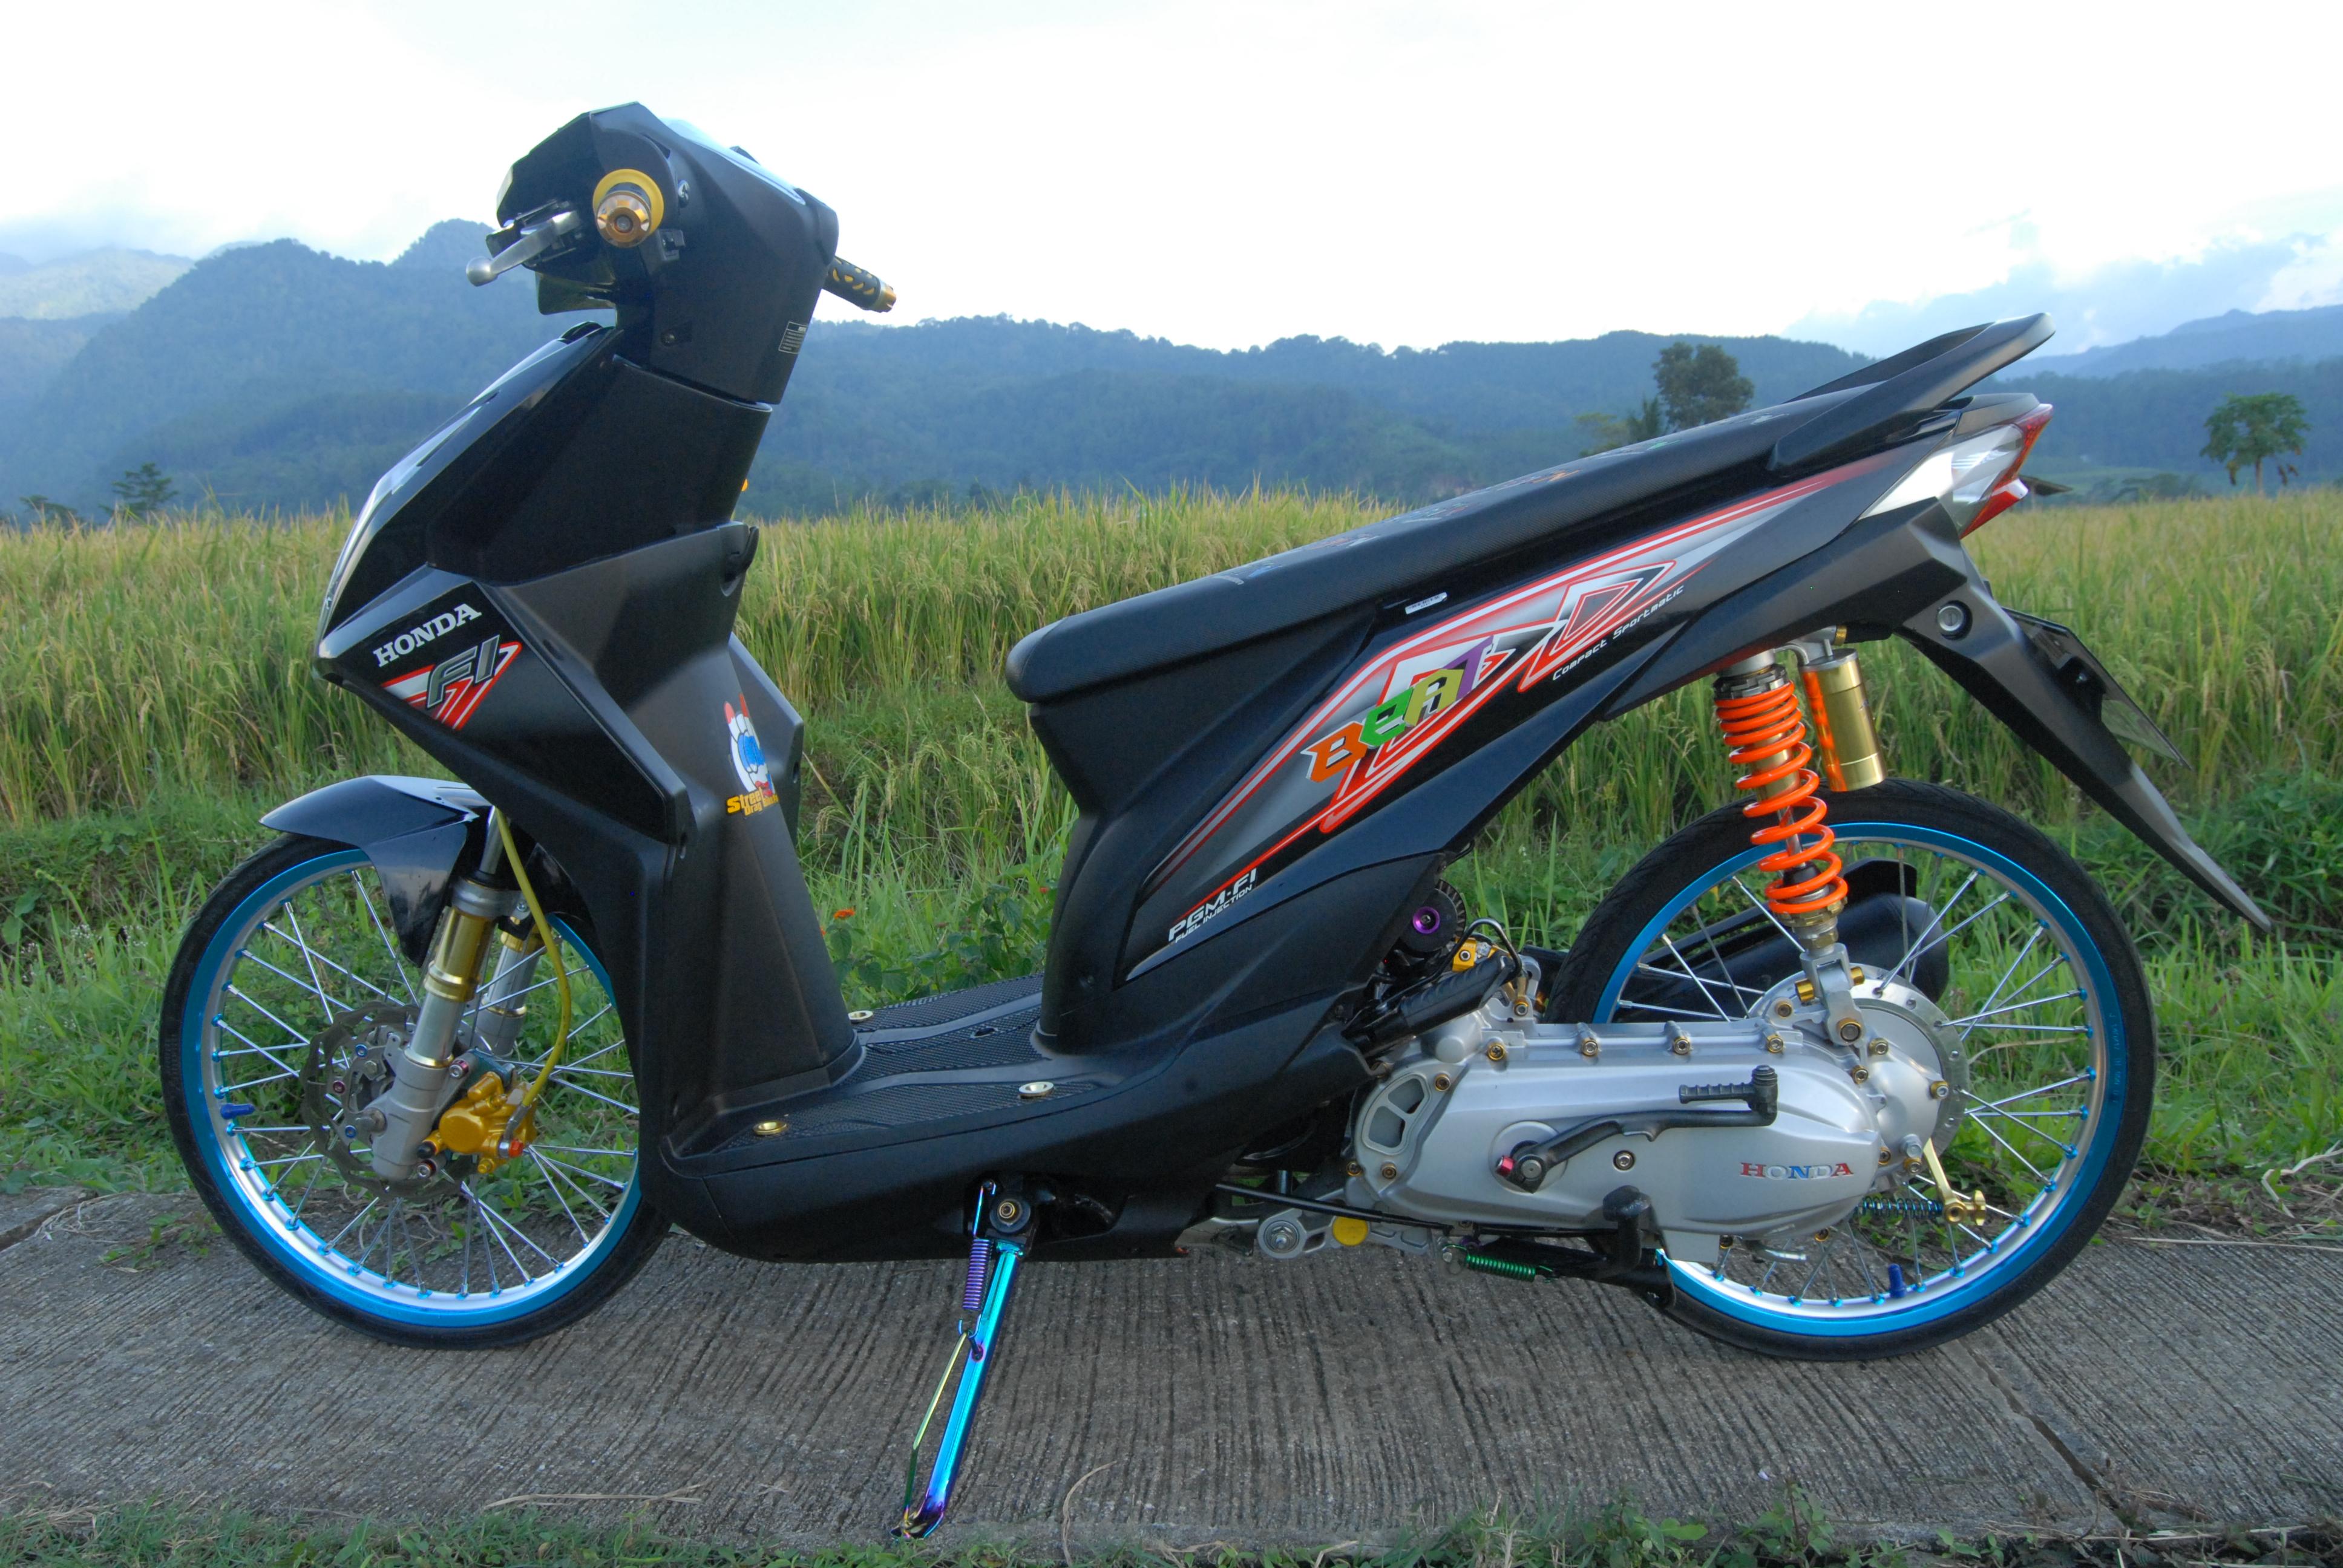 Gambar Modifikasi Motor Honda Beat Injeksi Mobiliobaru